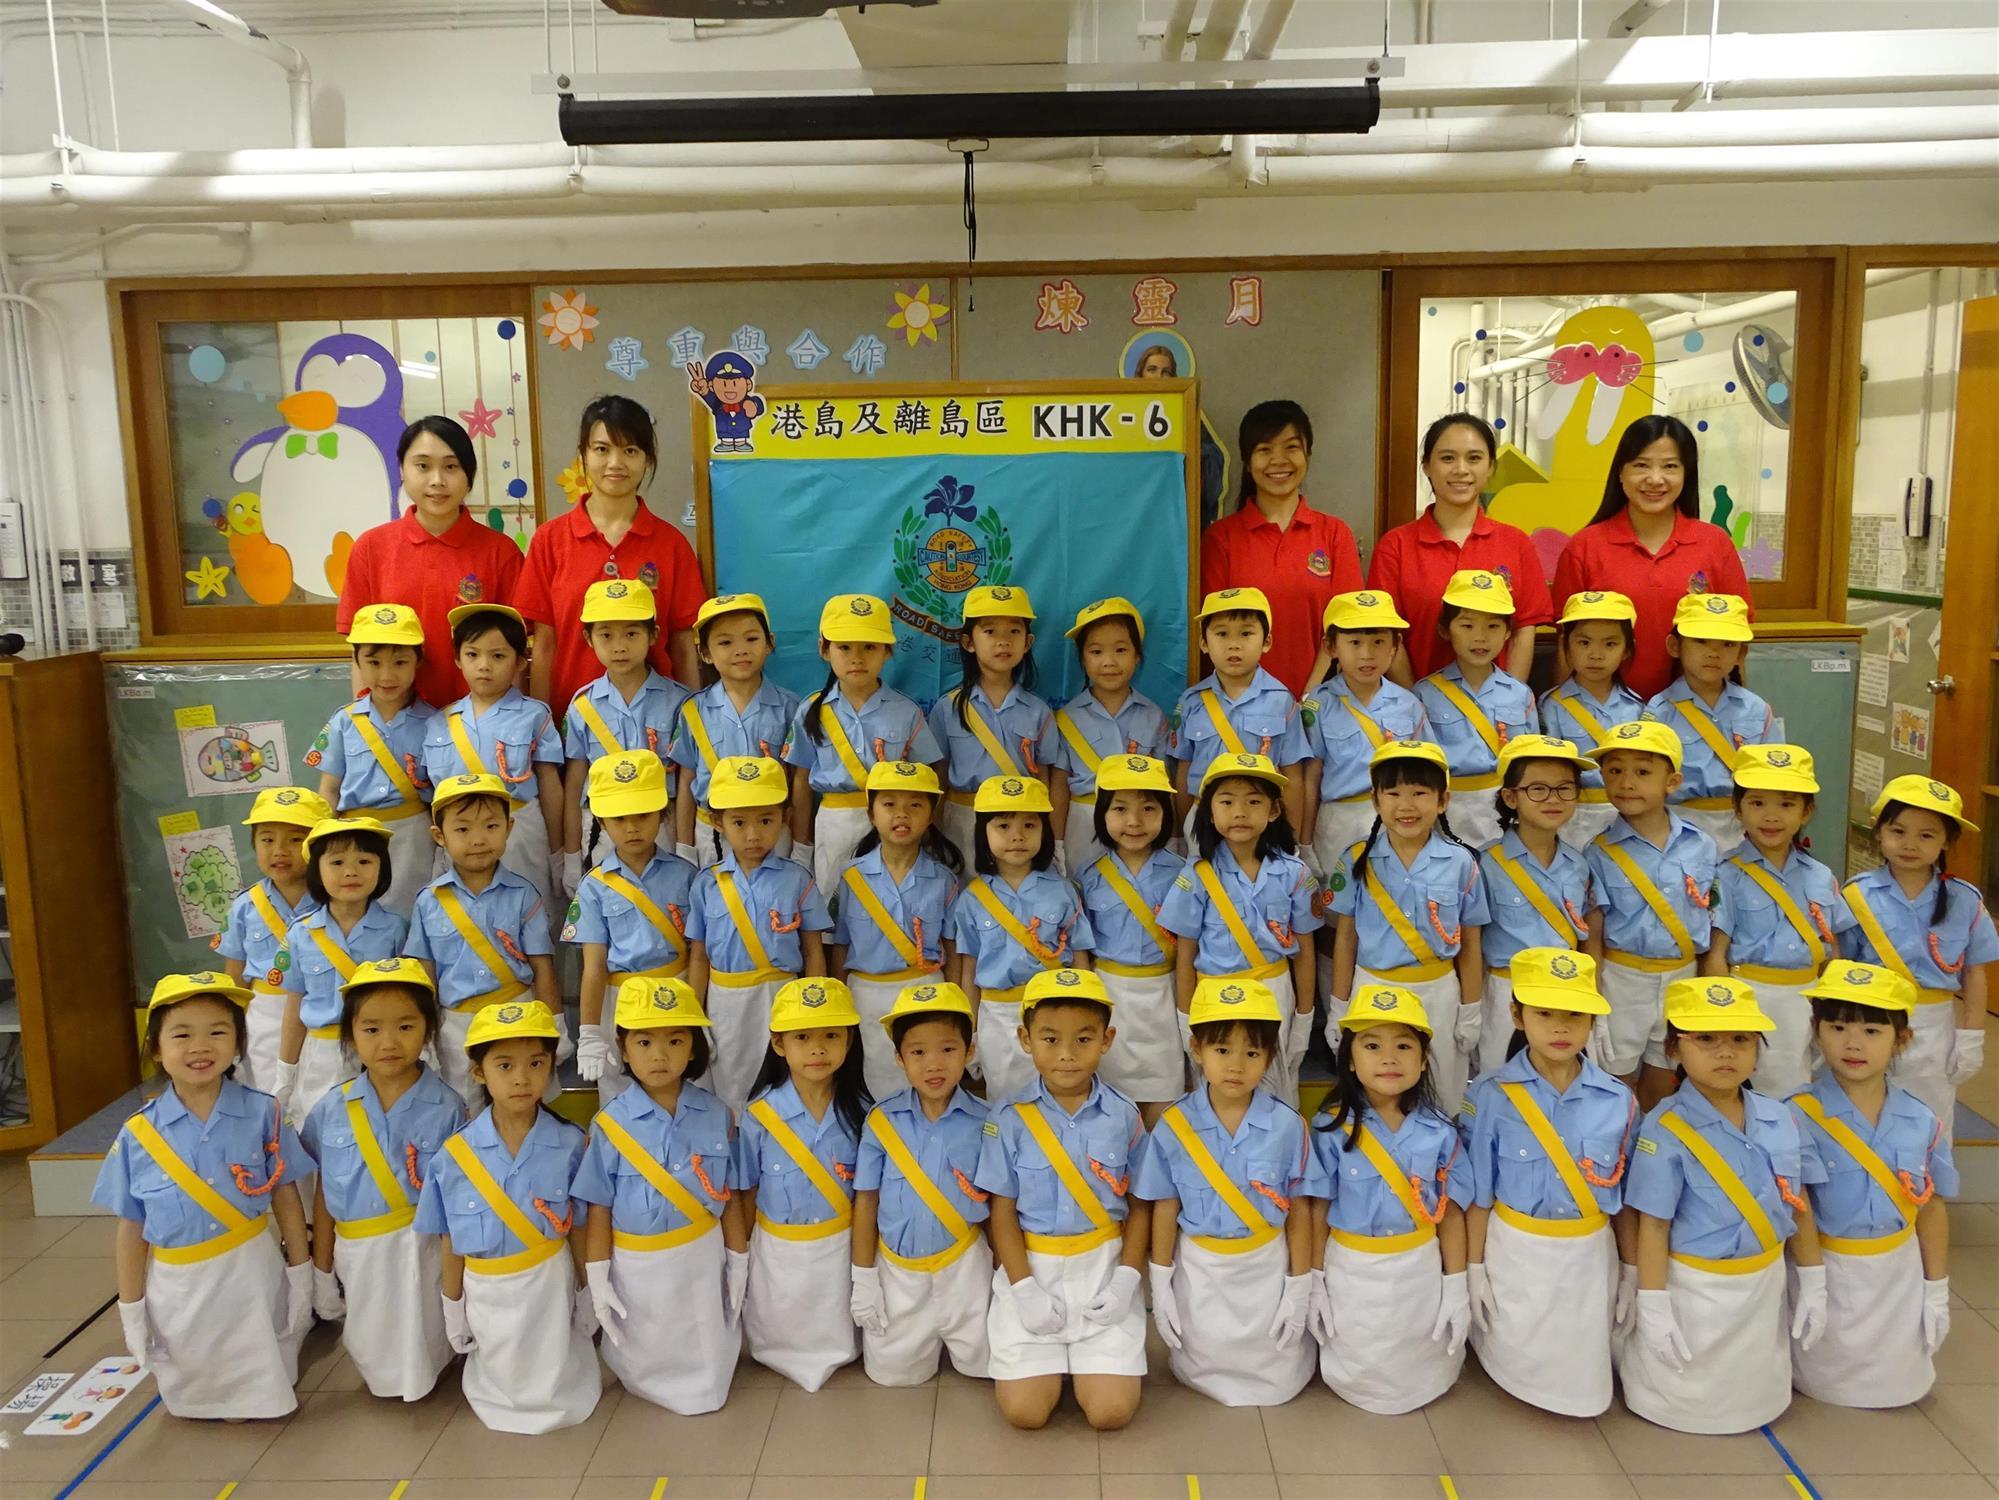 Hong Kong Road Safety Patrol